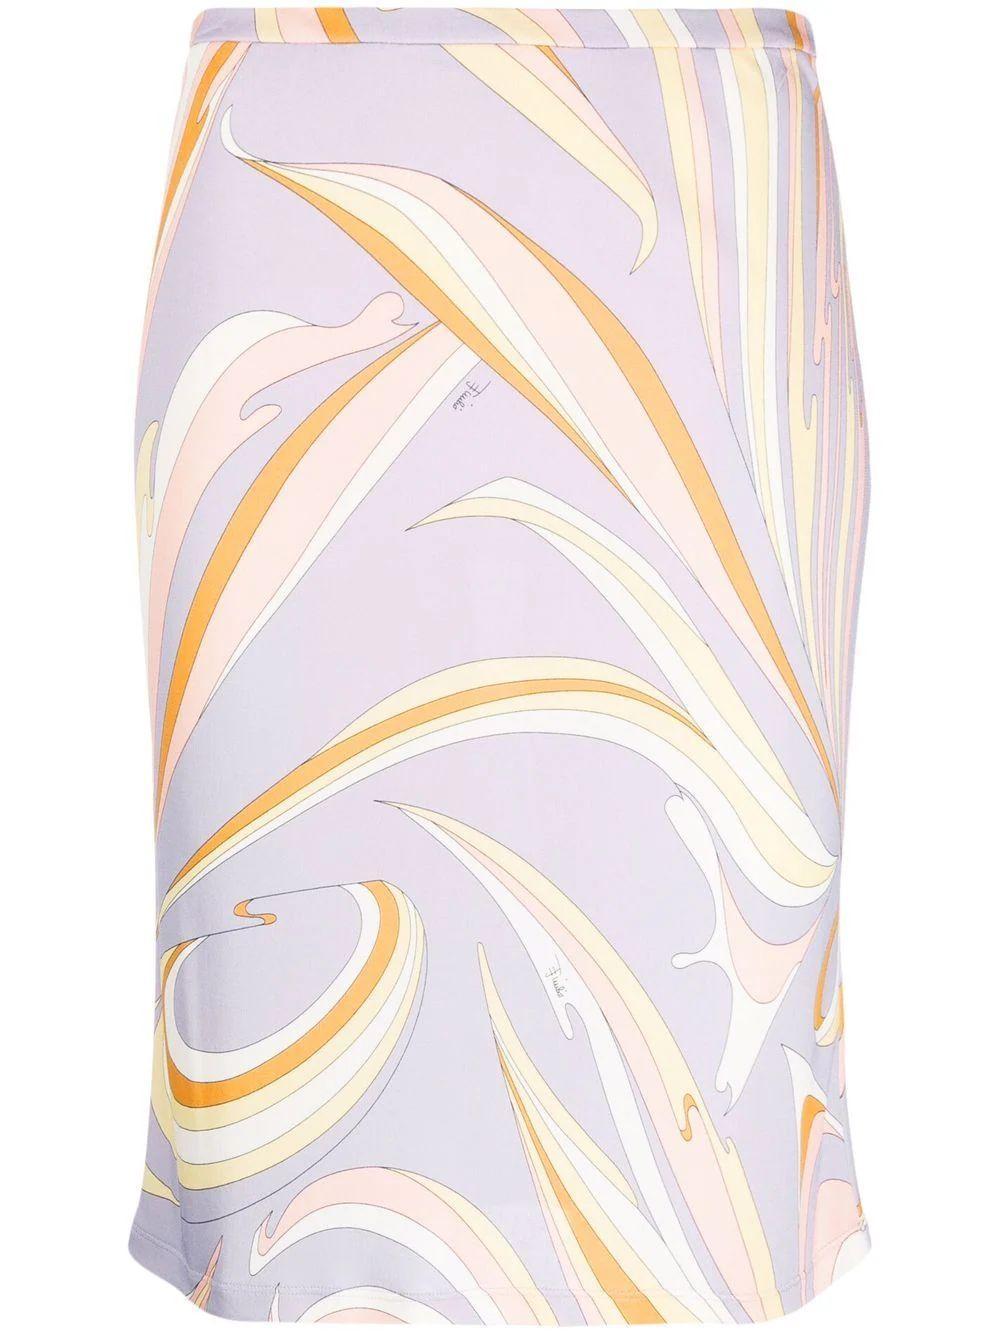 Printed Skirt Item # 1RJV66-1R747